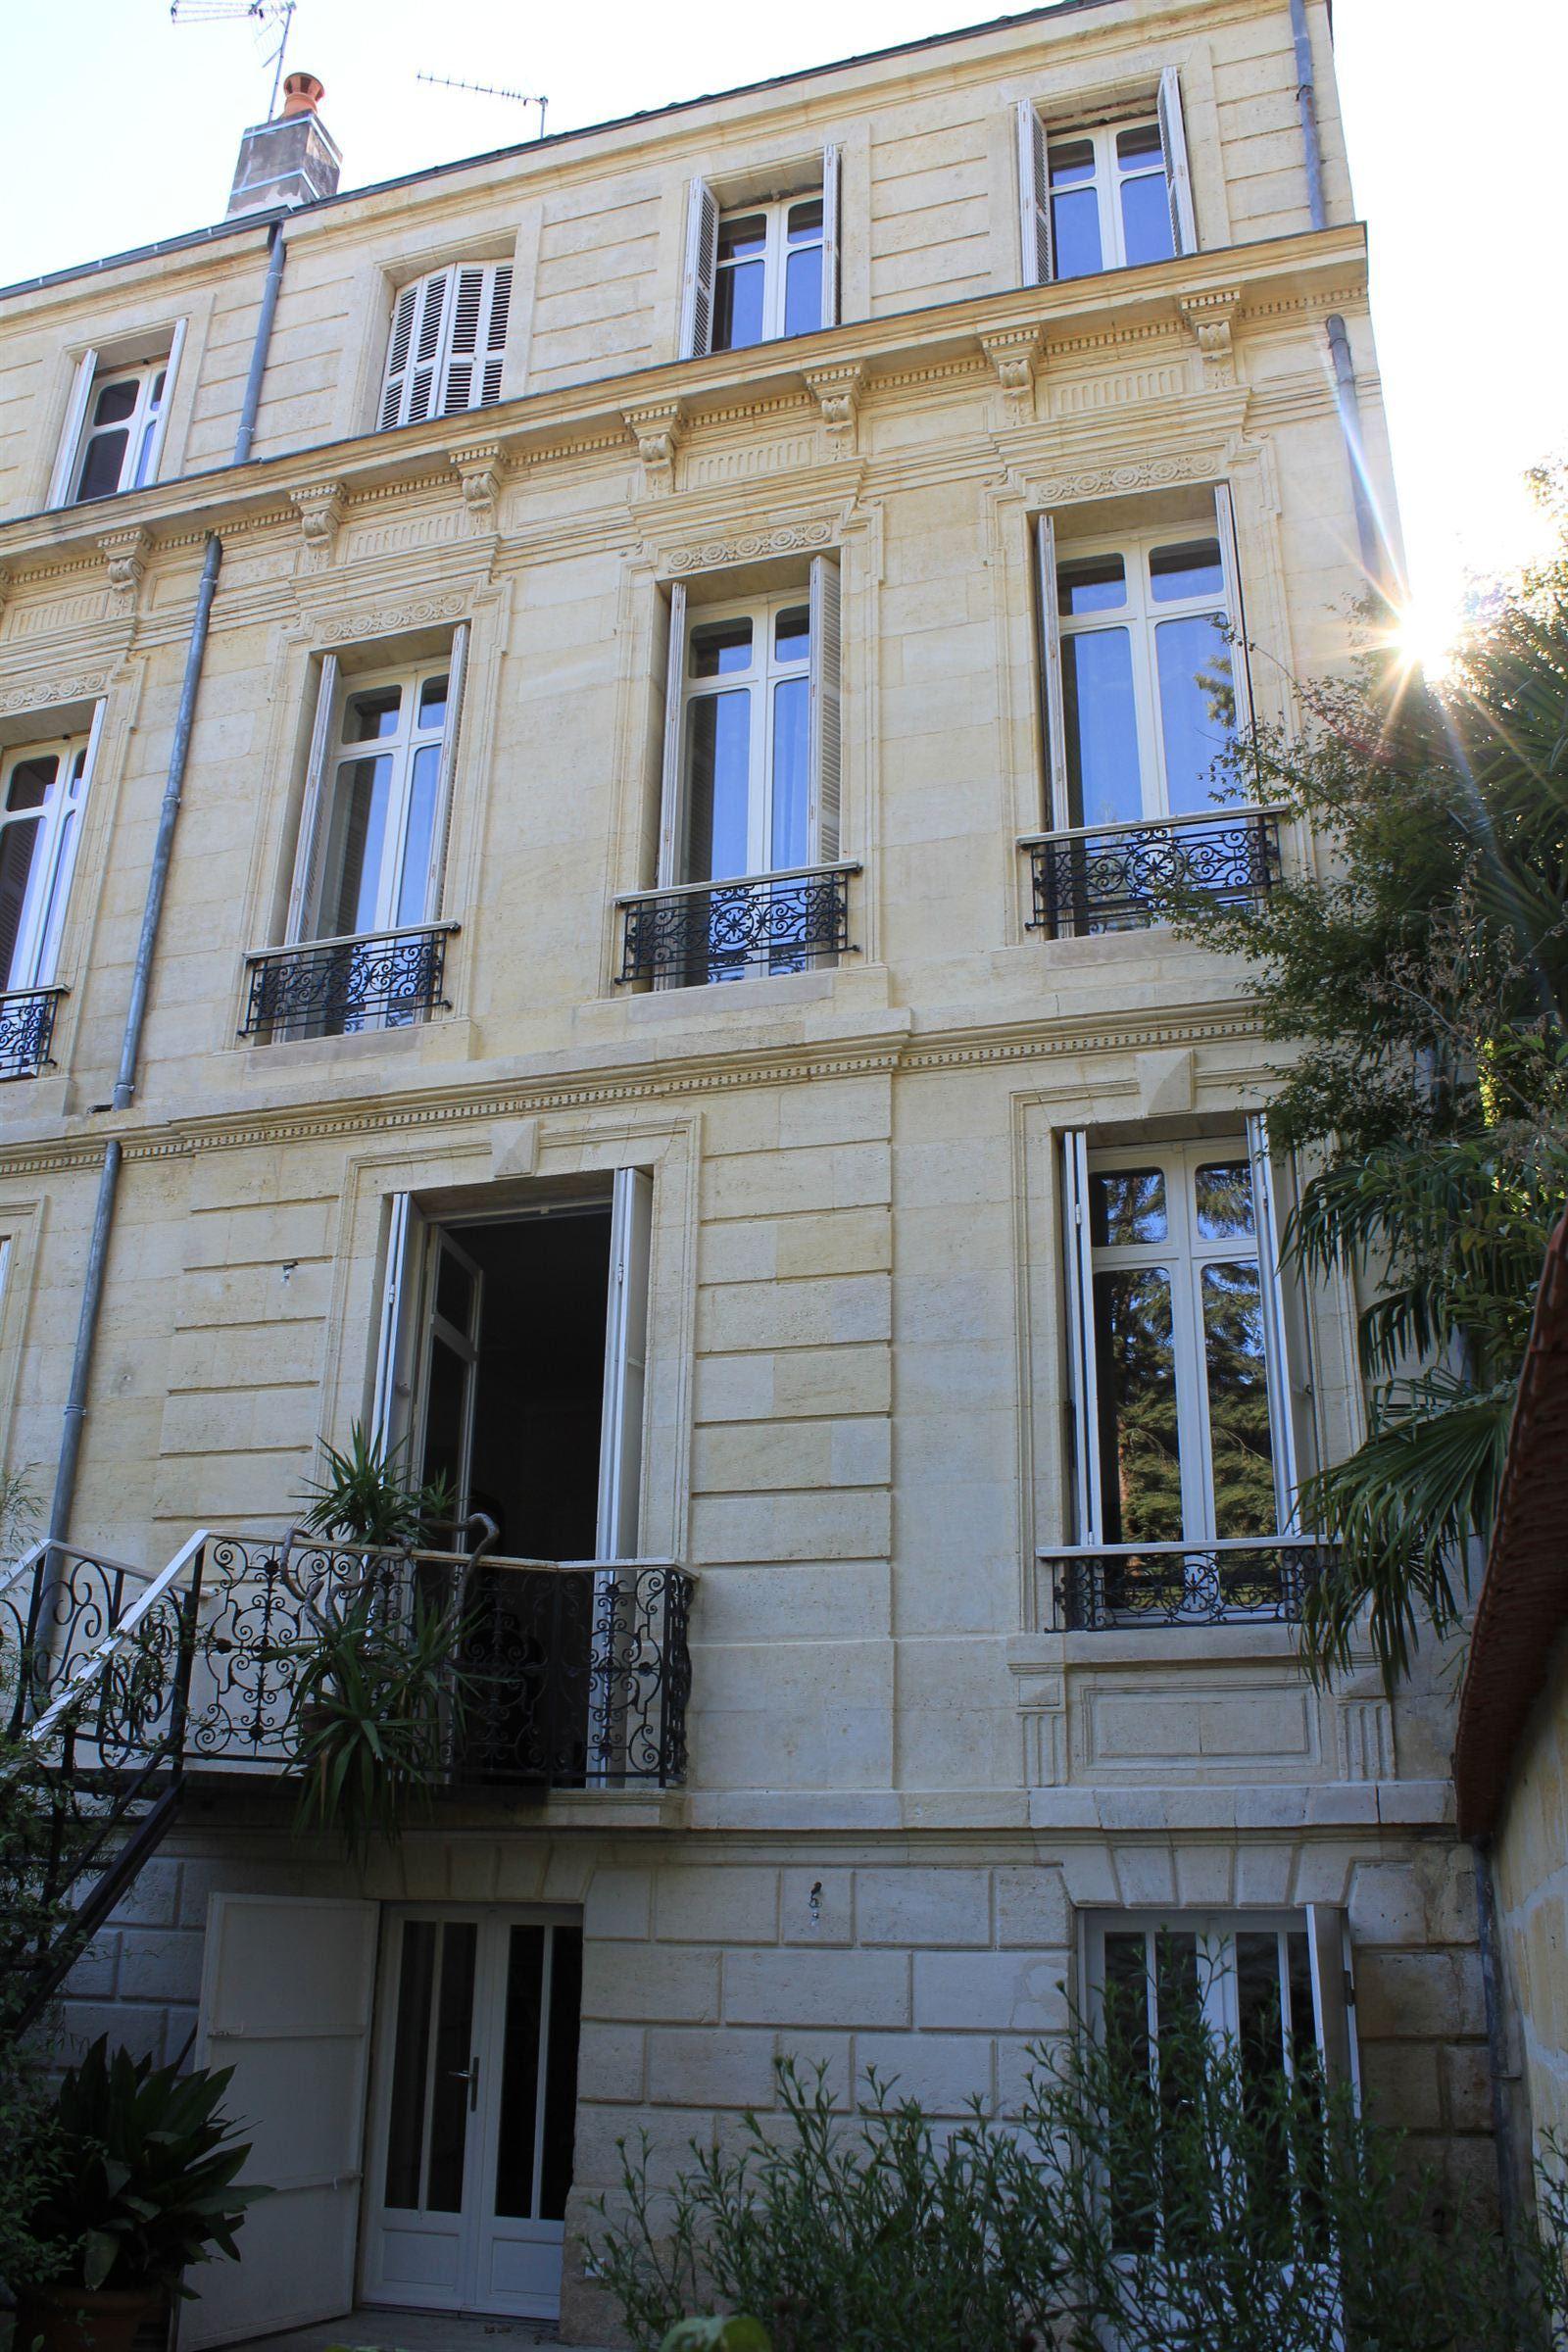 단독 가정 주택 용 매매 에 BORDEAUX - PUBLIC GARDEN - PRIVATE TOWNHOUSE WITH A VIEW ON THE PARK Bordeaux, 아키텐주 33000 프랑스